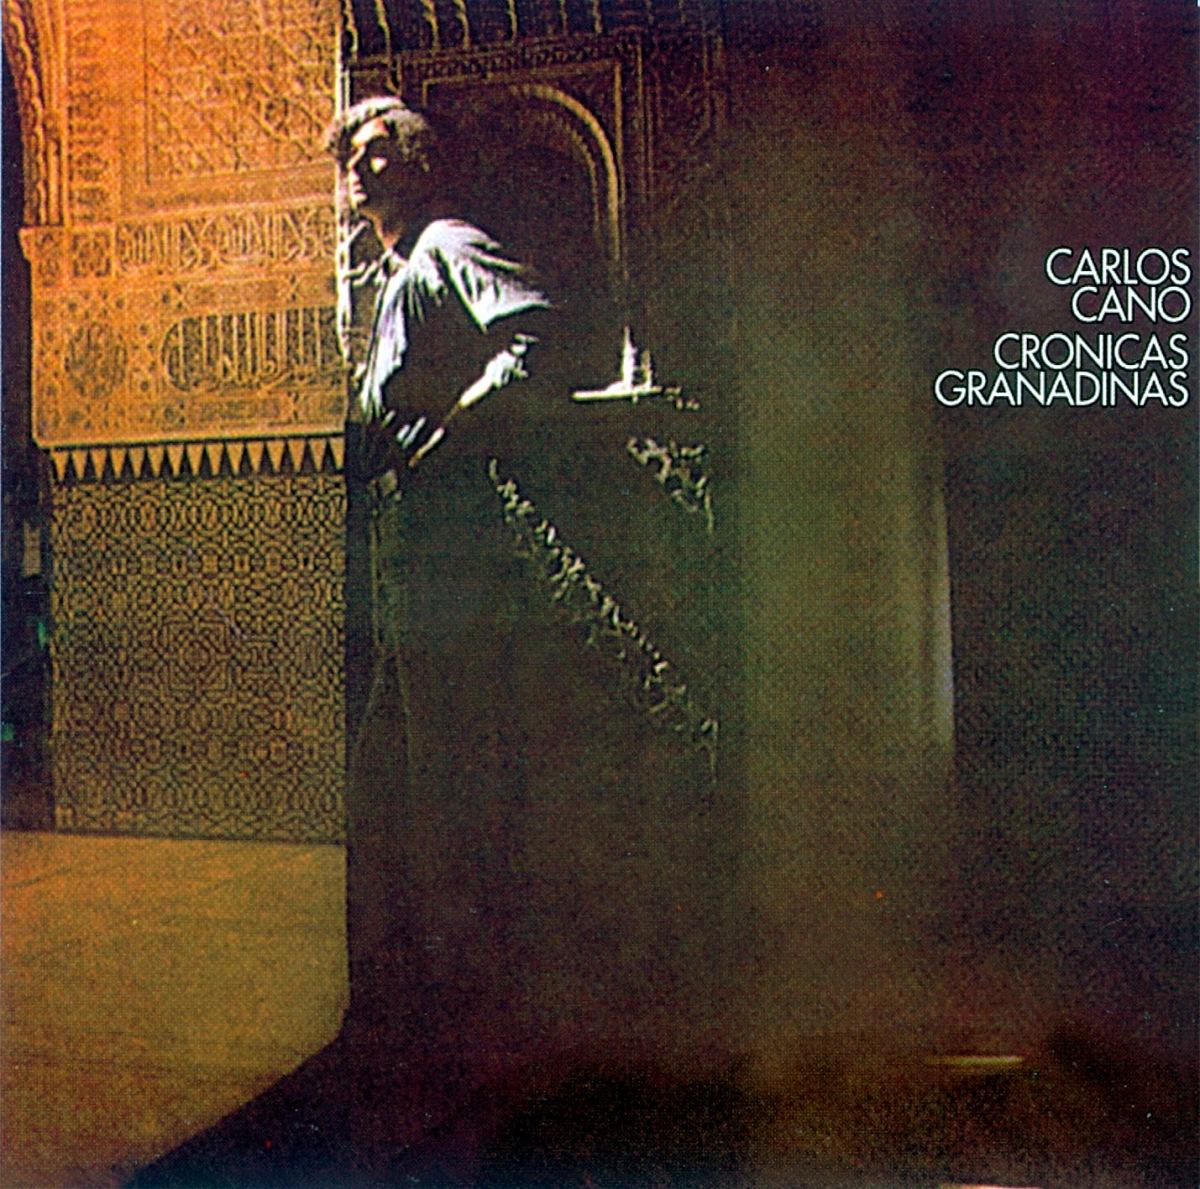 Crónicas granadinas (1978)